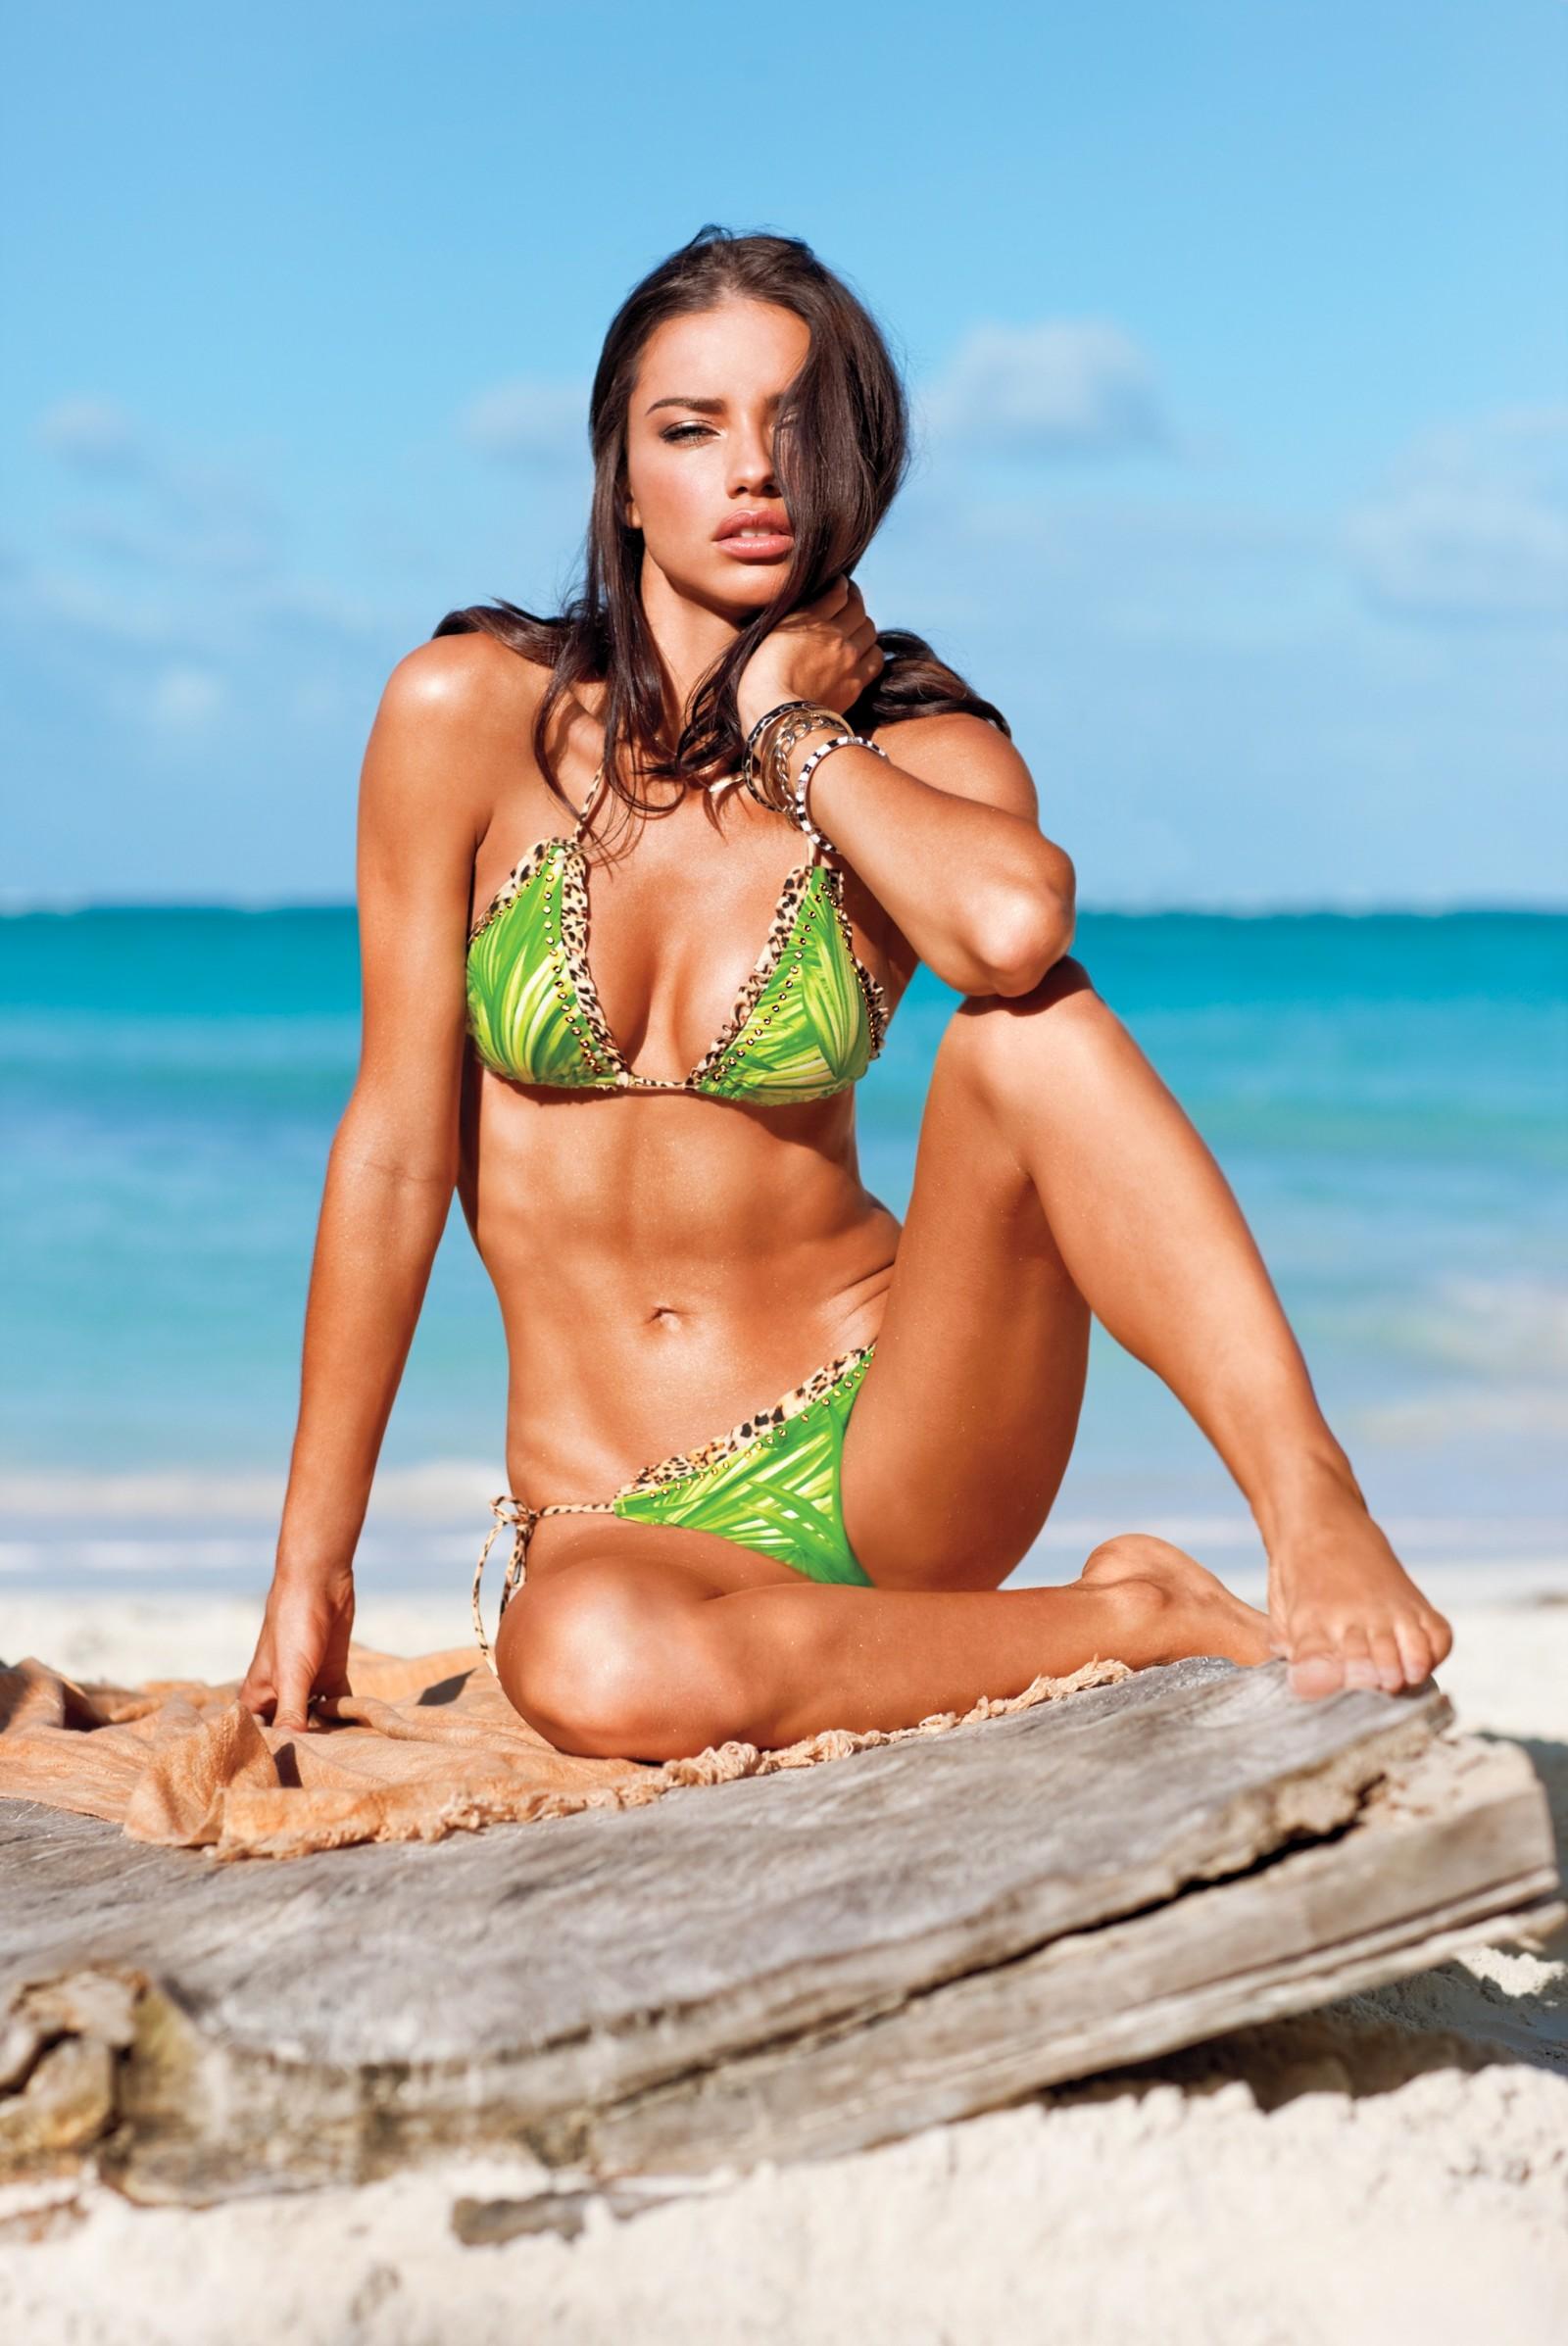 Адриана лима фото с пляжа